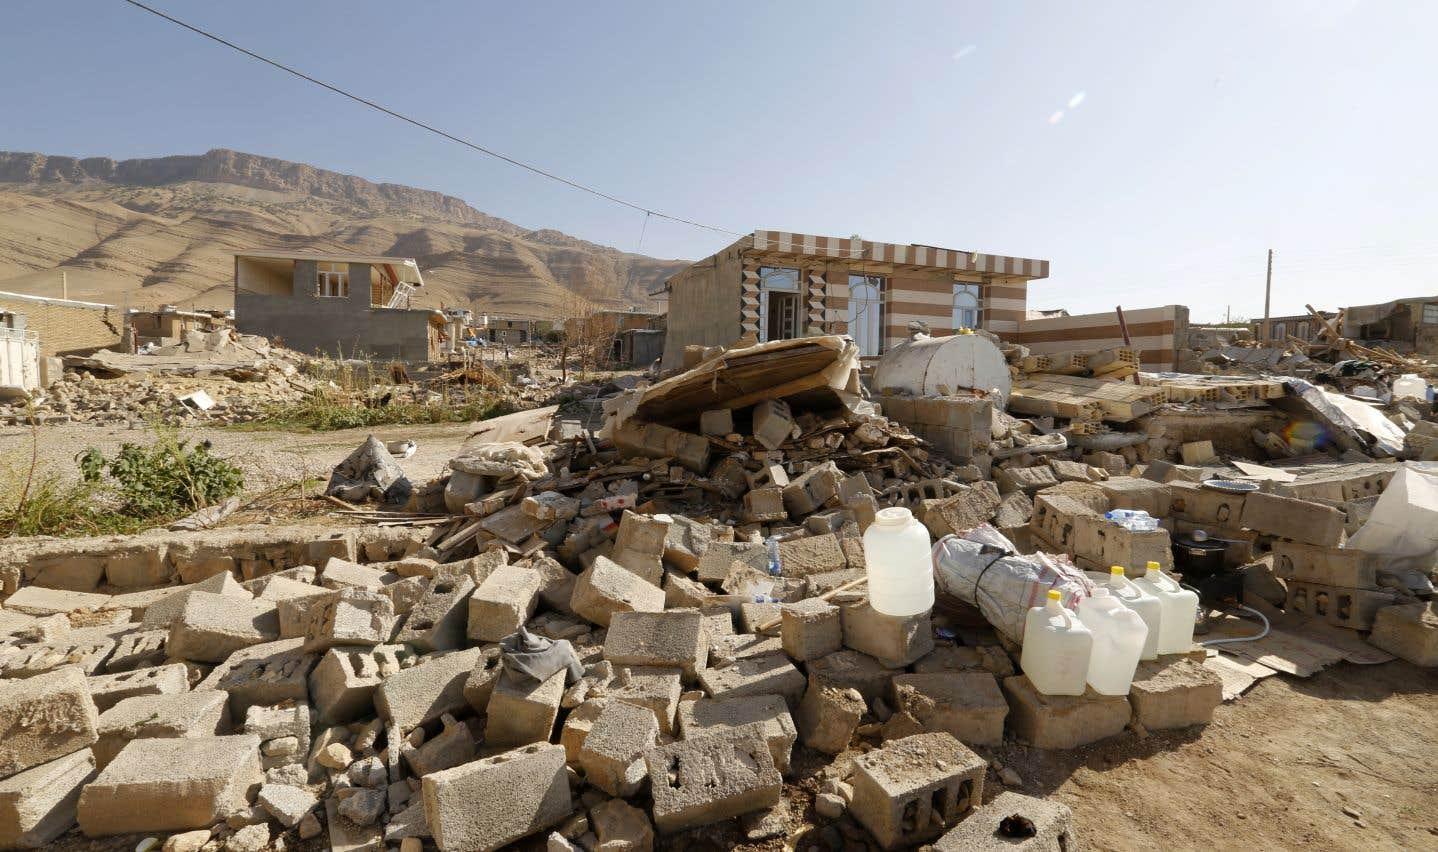 En Iran, l'aide peine à arriver dans les zones reculées touchées par le séisme